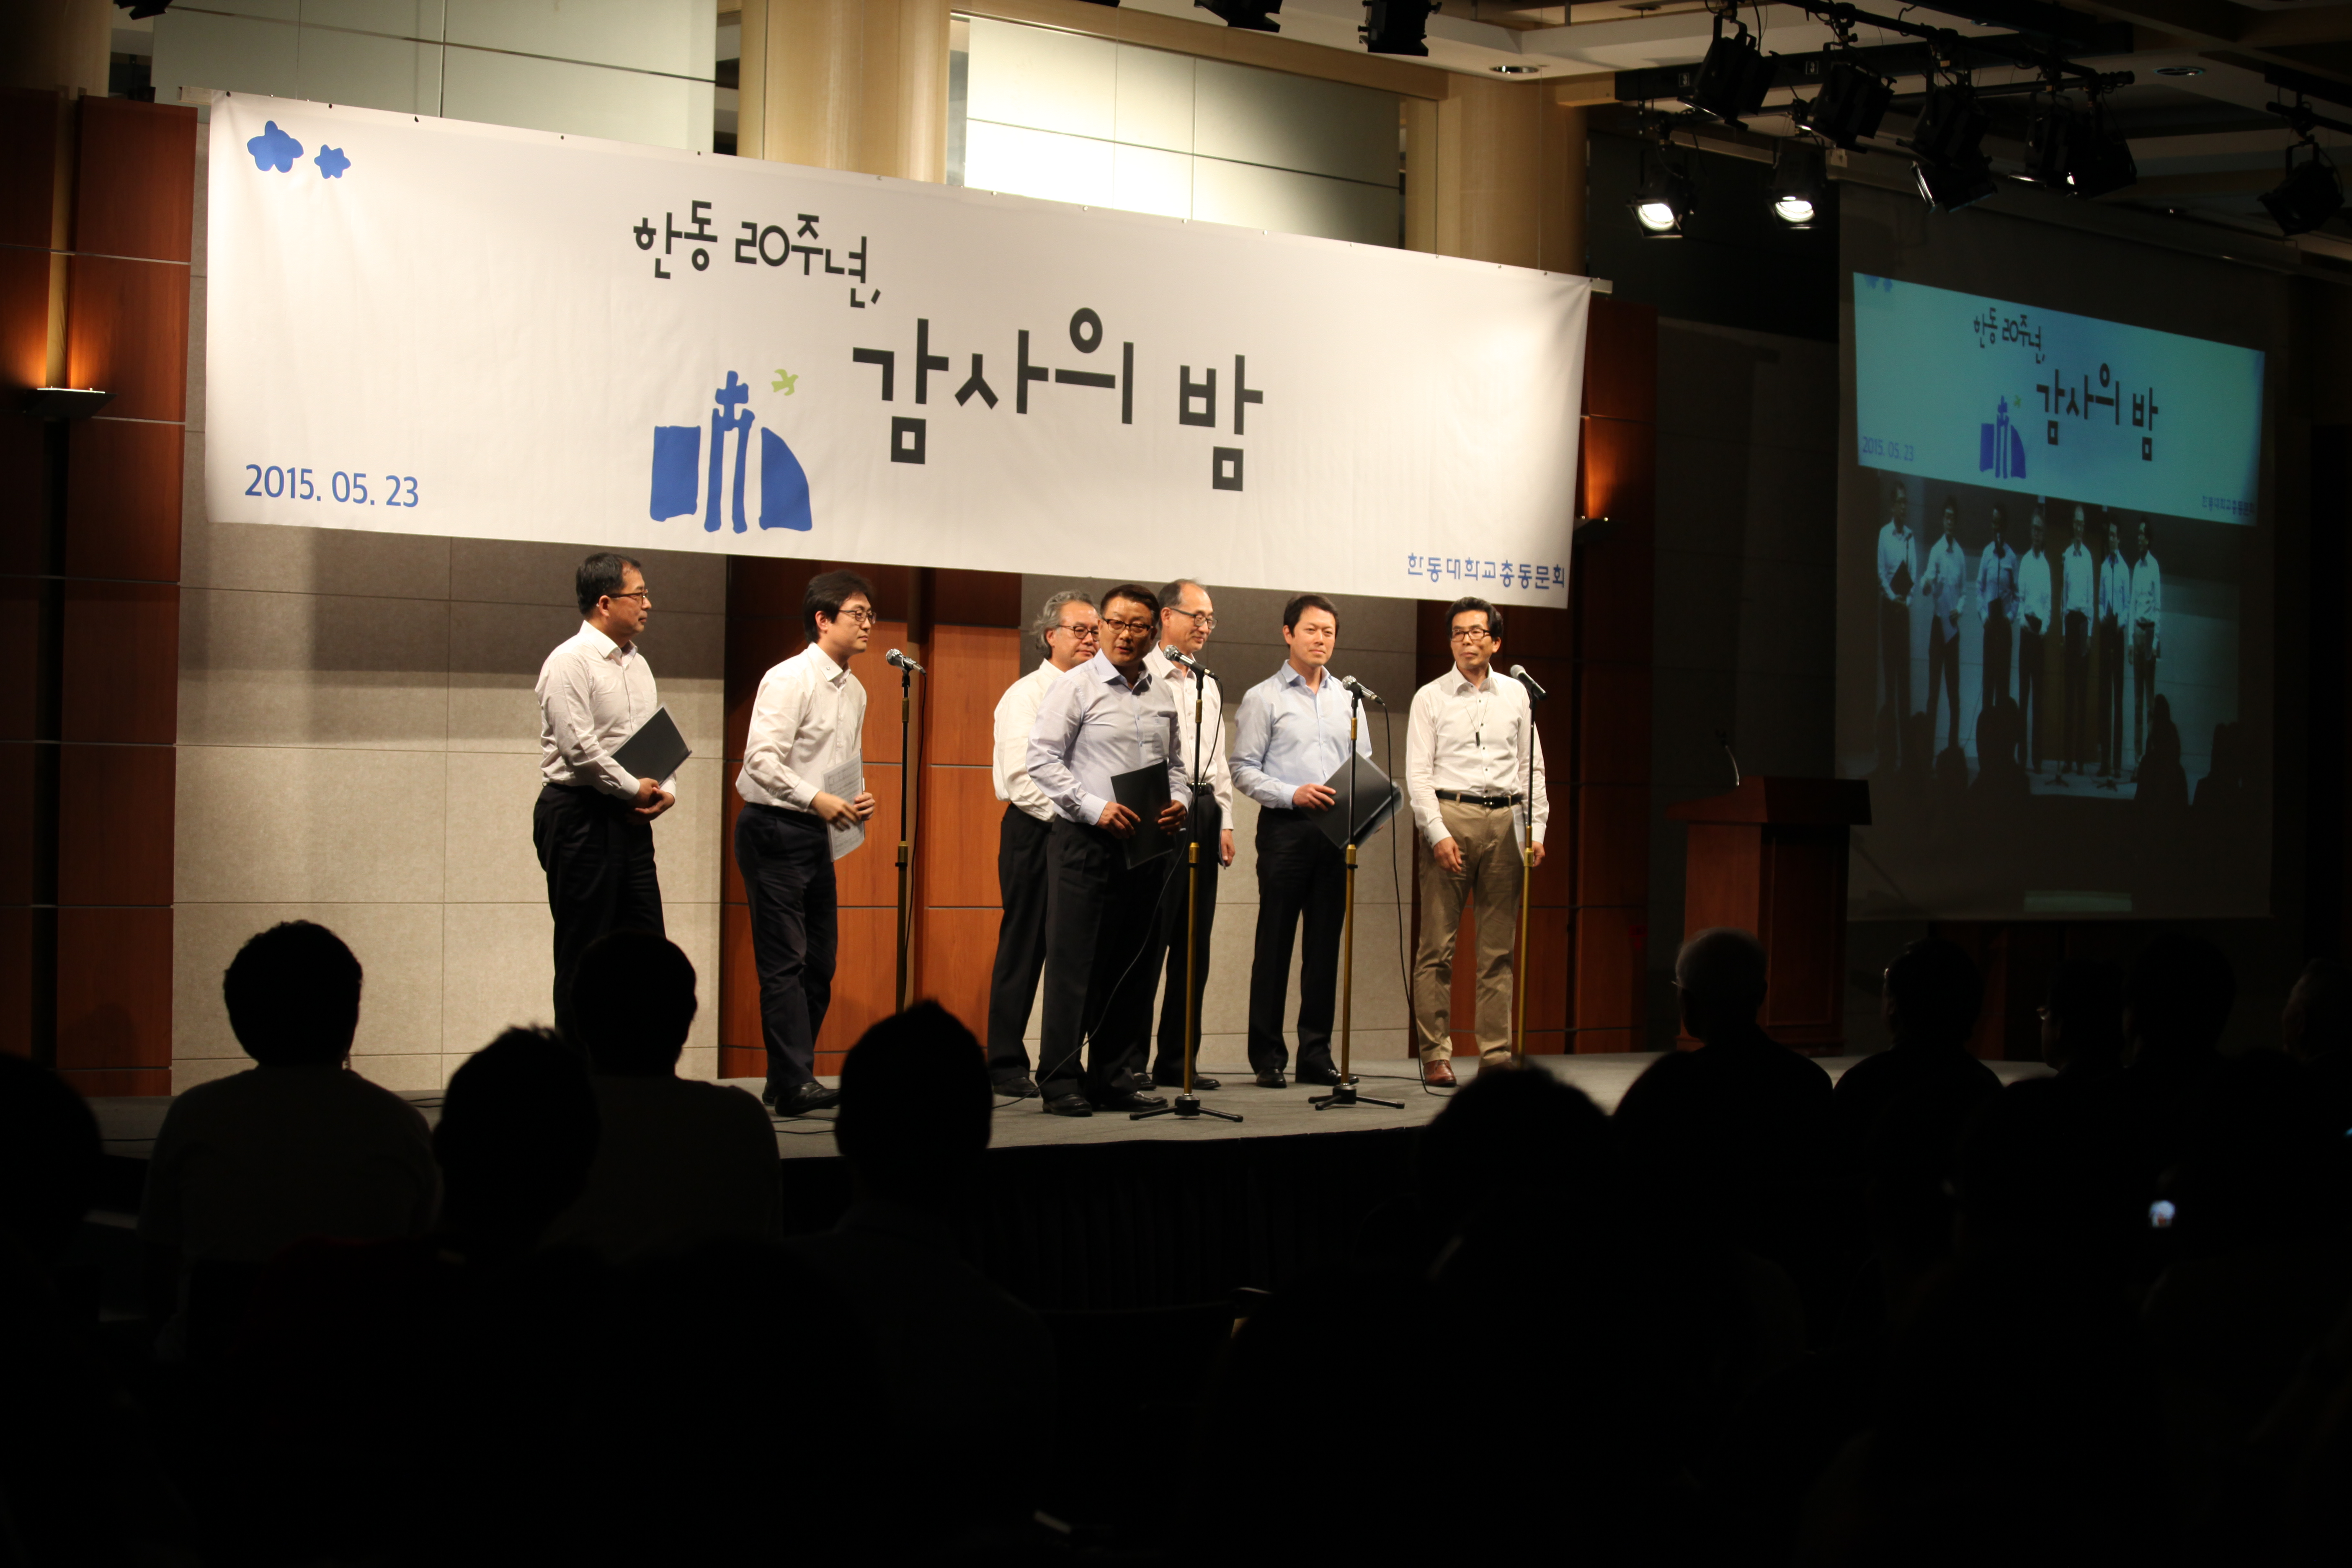 2015.05.23 한동20주년감사의밤 (1).JPG